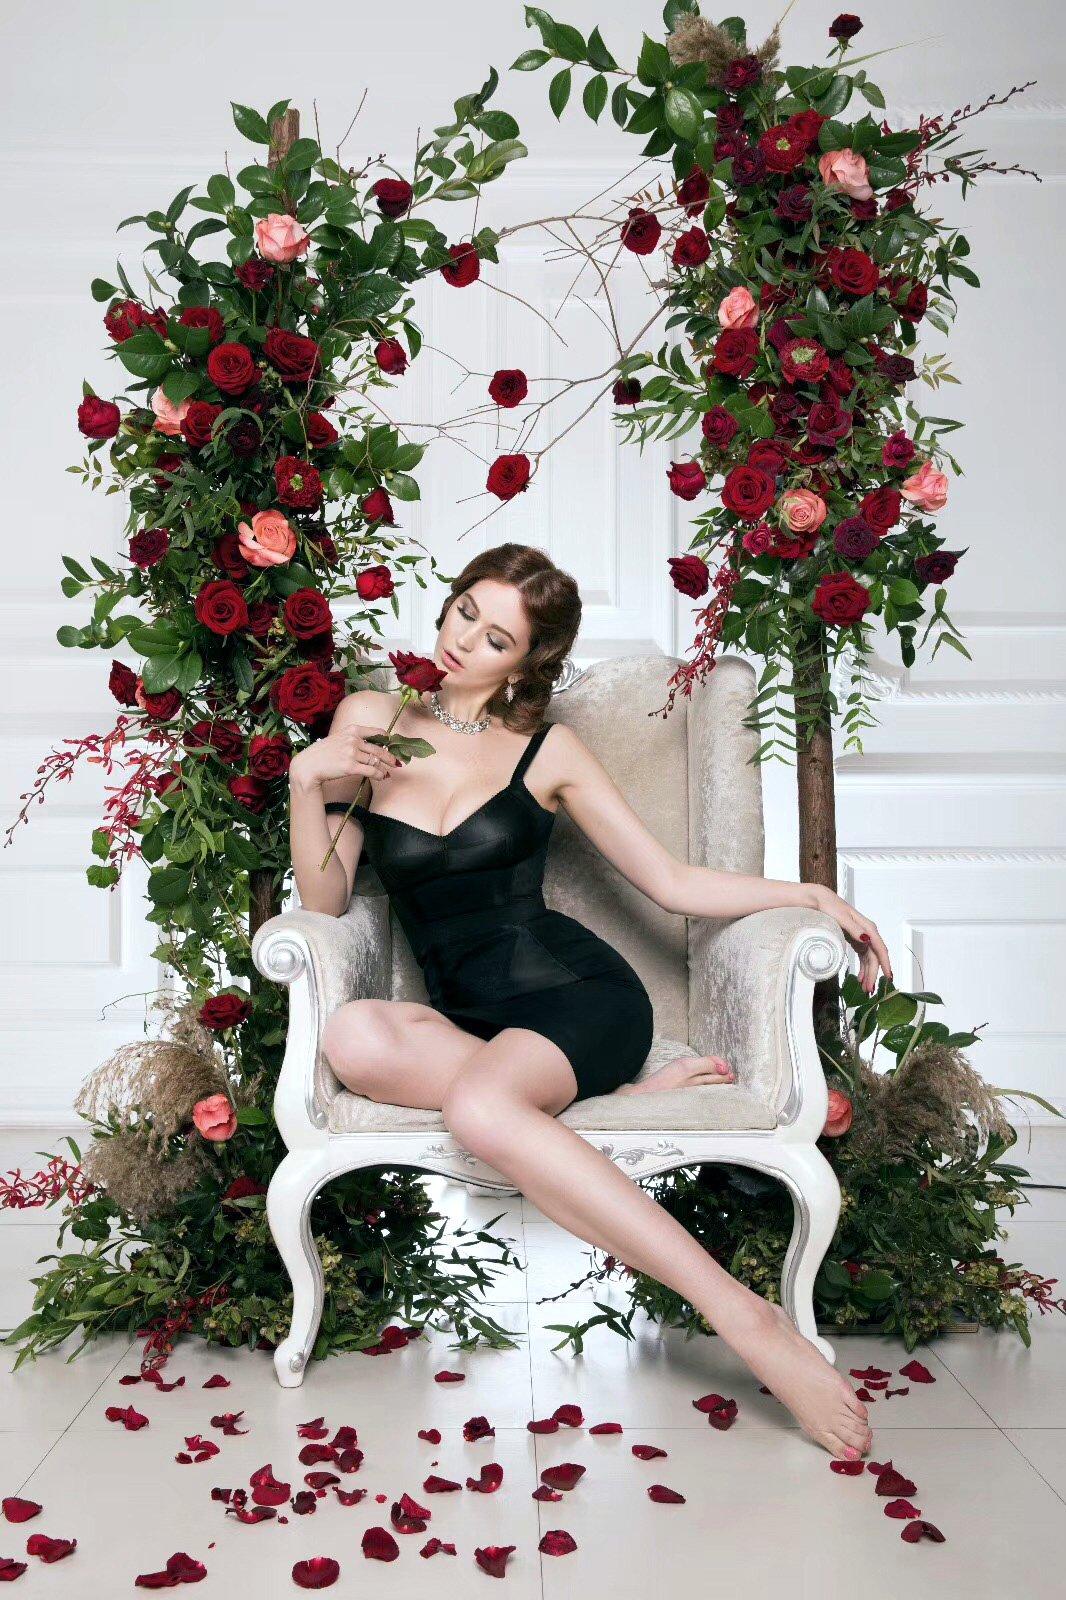 model, girl, portrait, body, face, beauty, beautiful, gurulee, ЛЕВАН ТАВАДЗЕ